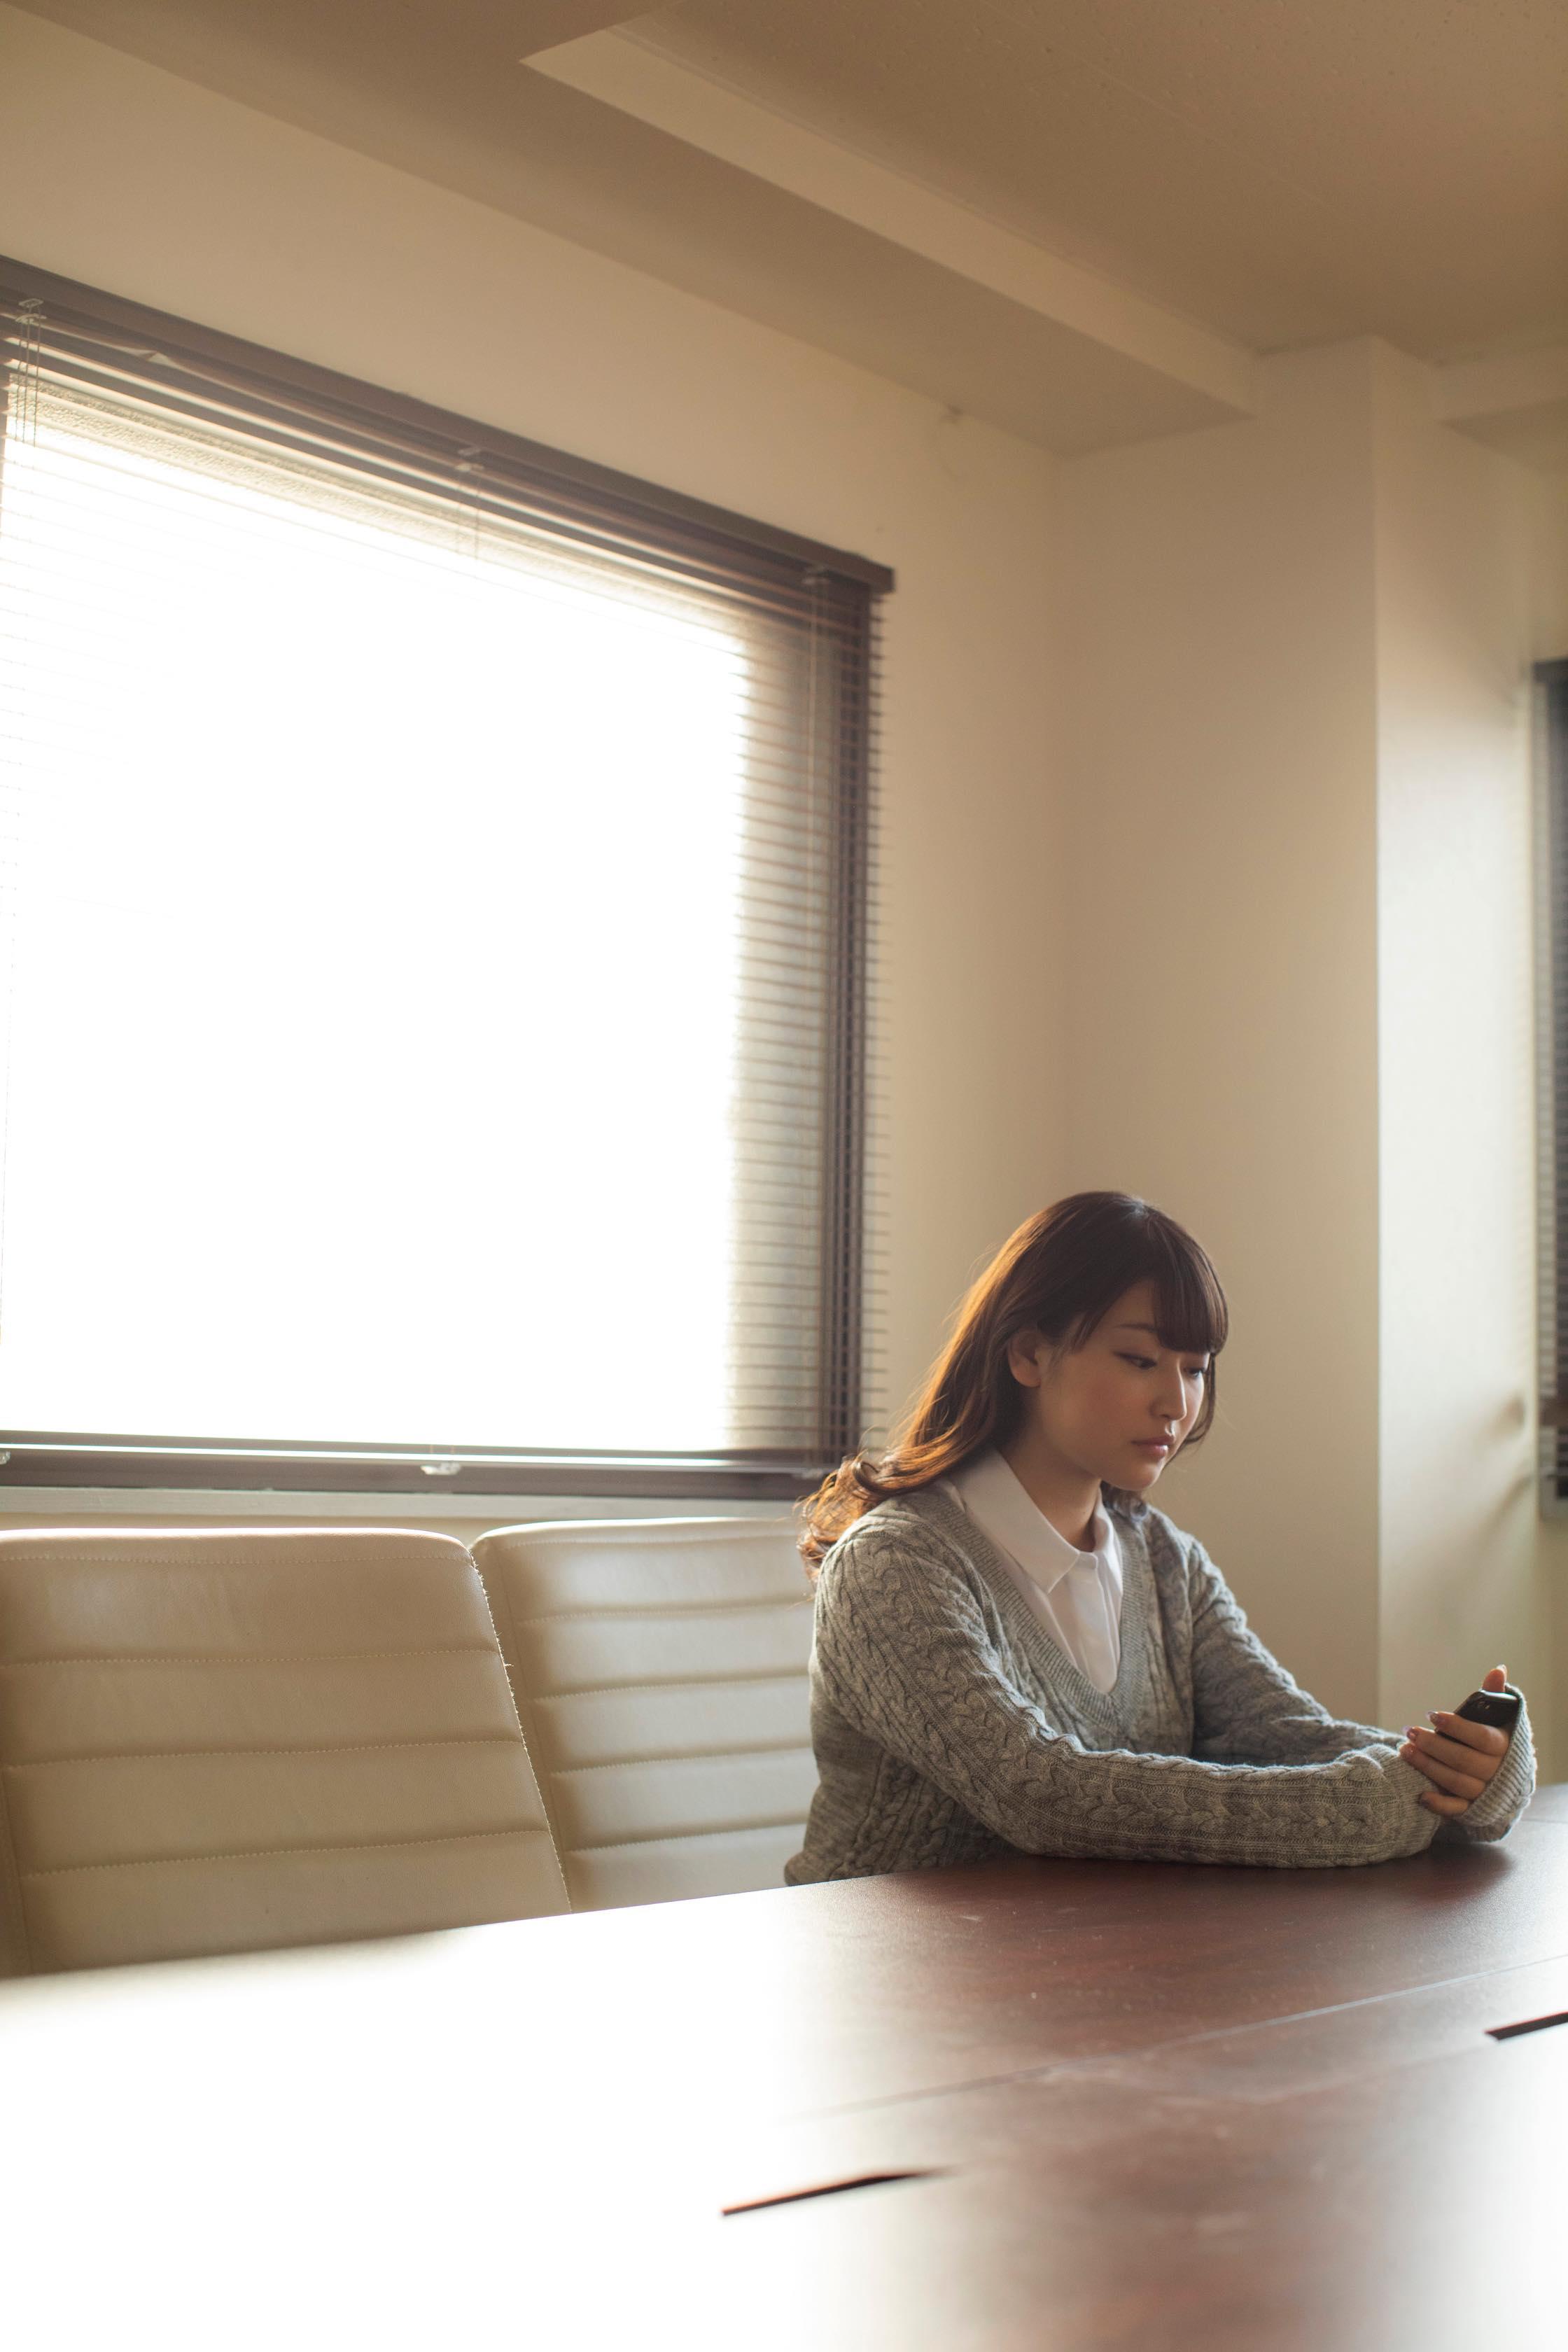 悠木ゆうか「ふわふわ色白ボディ」は、誰にも負けない自信アリ!?【写真25枚】の画像008